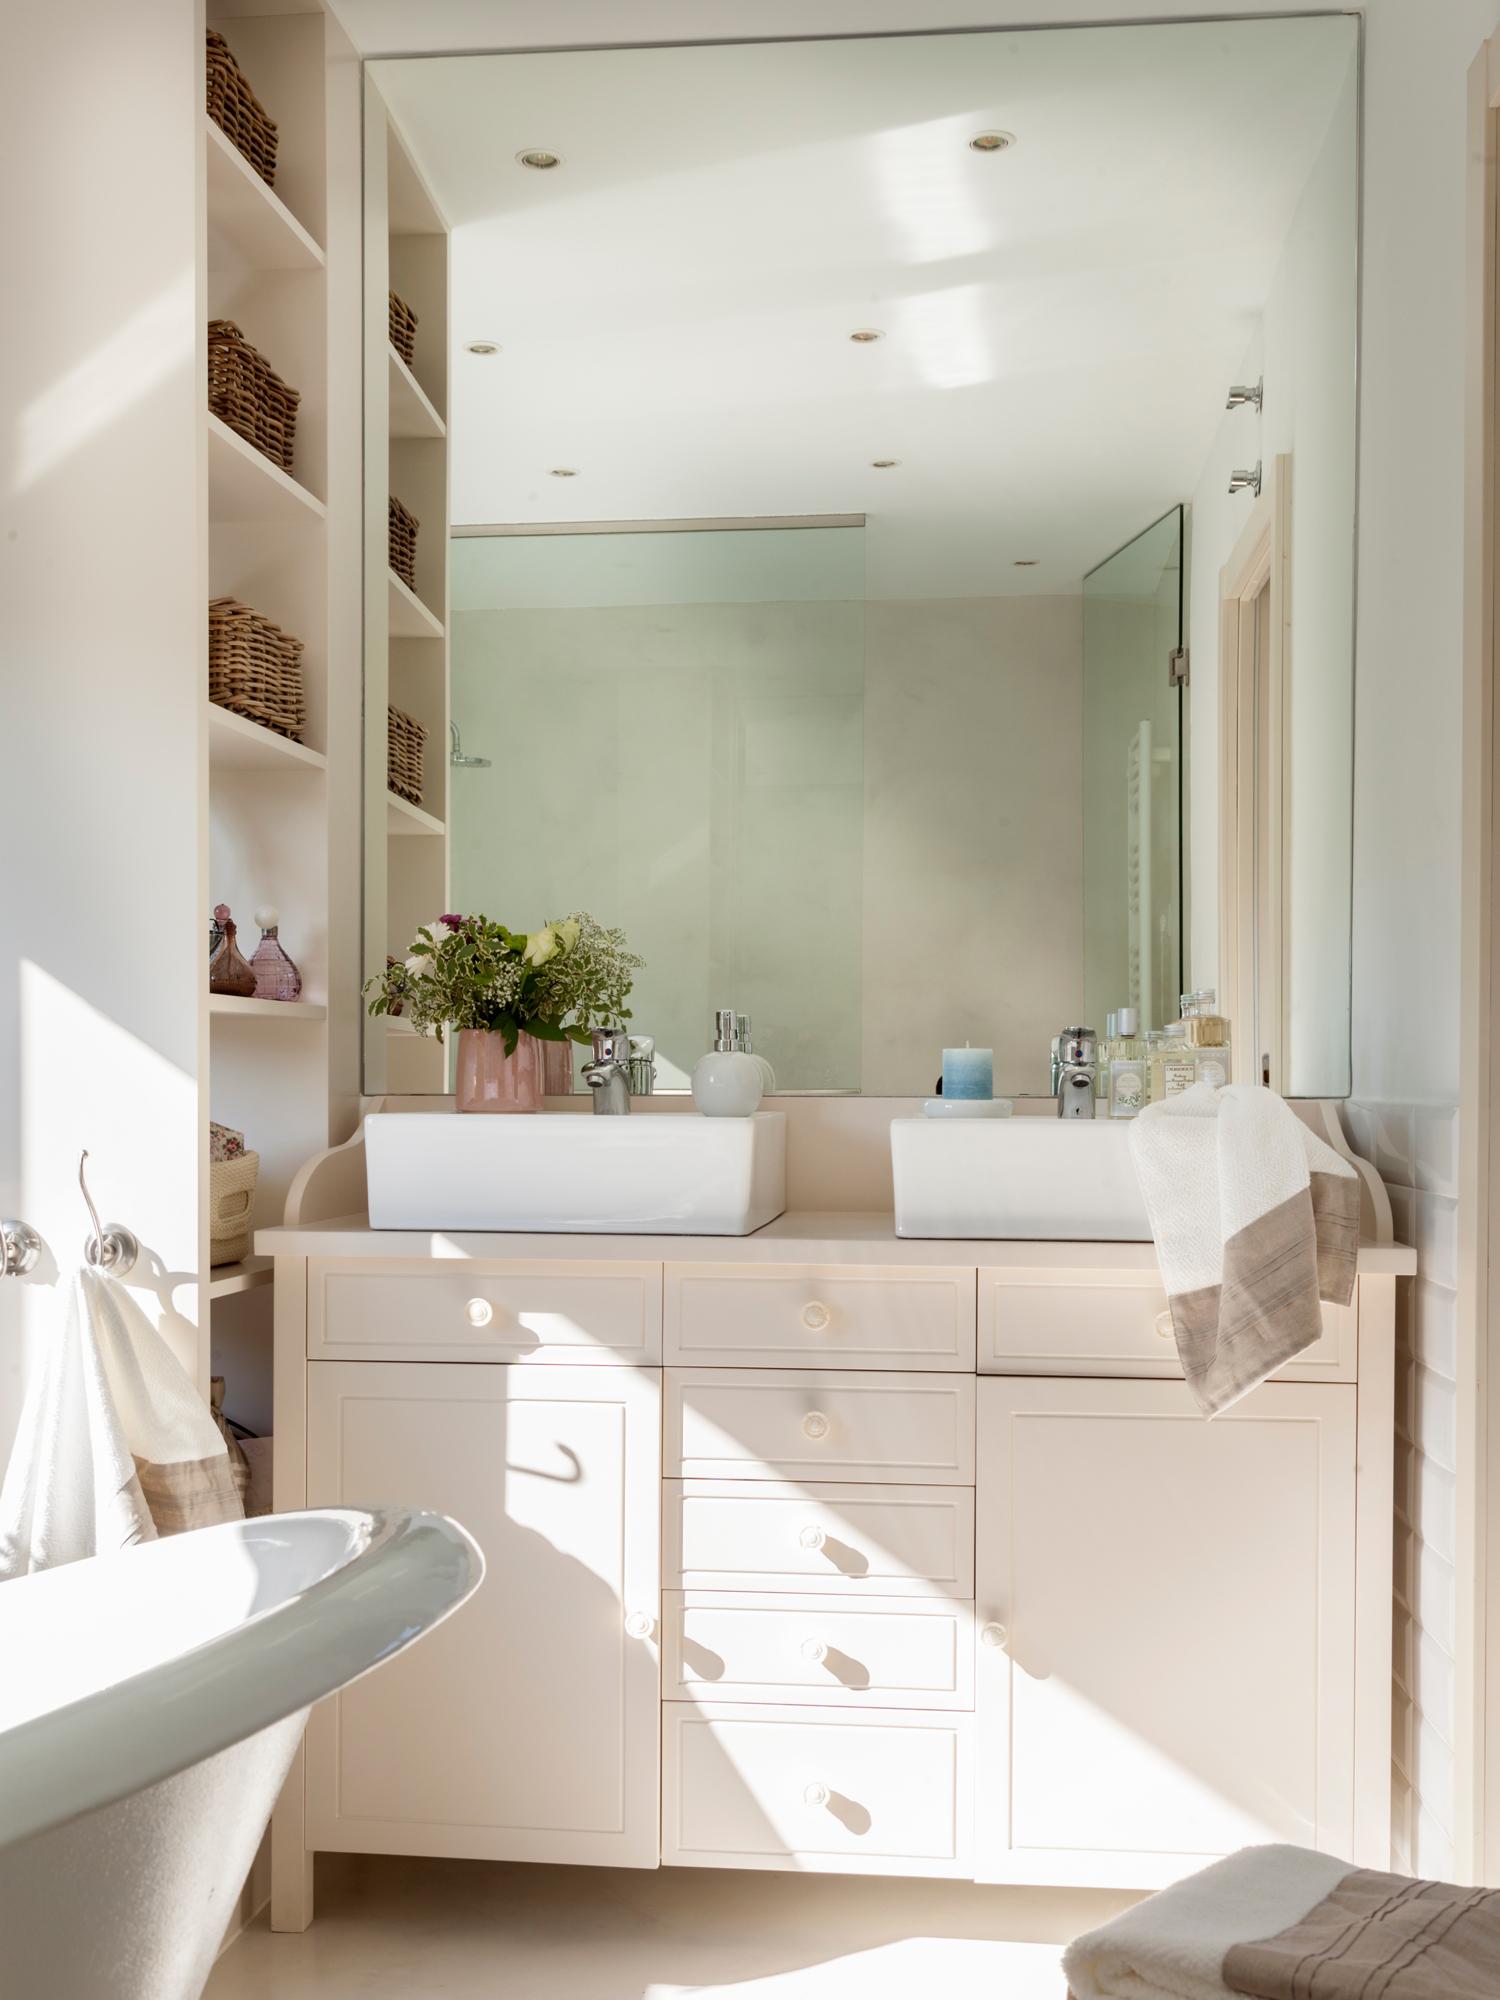 Muebles perfectos para ba os peque os - Precio reforma cocina y bano ...